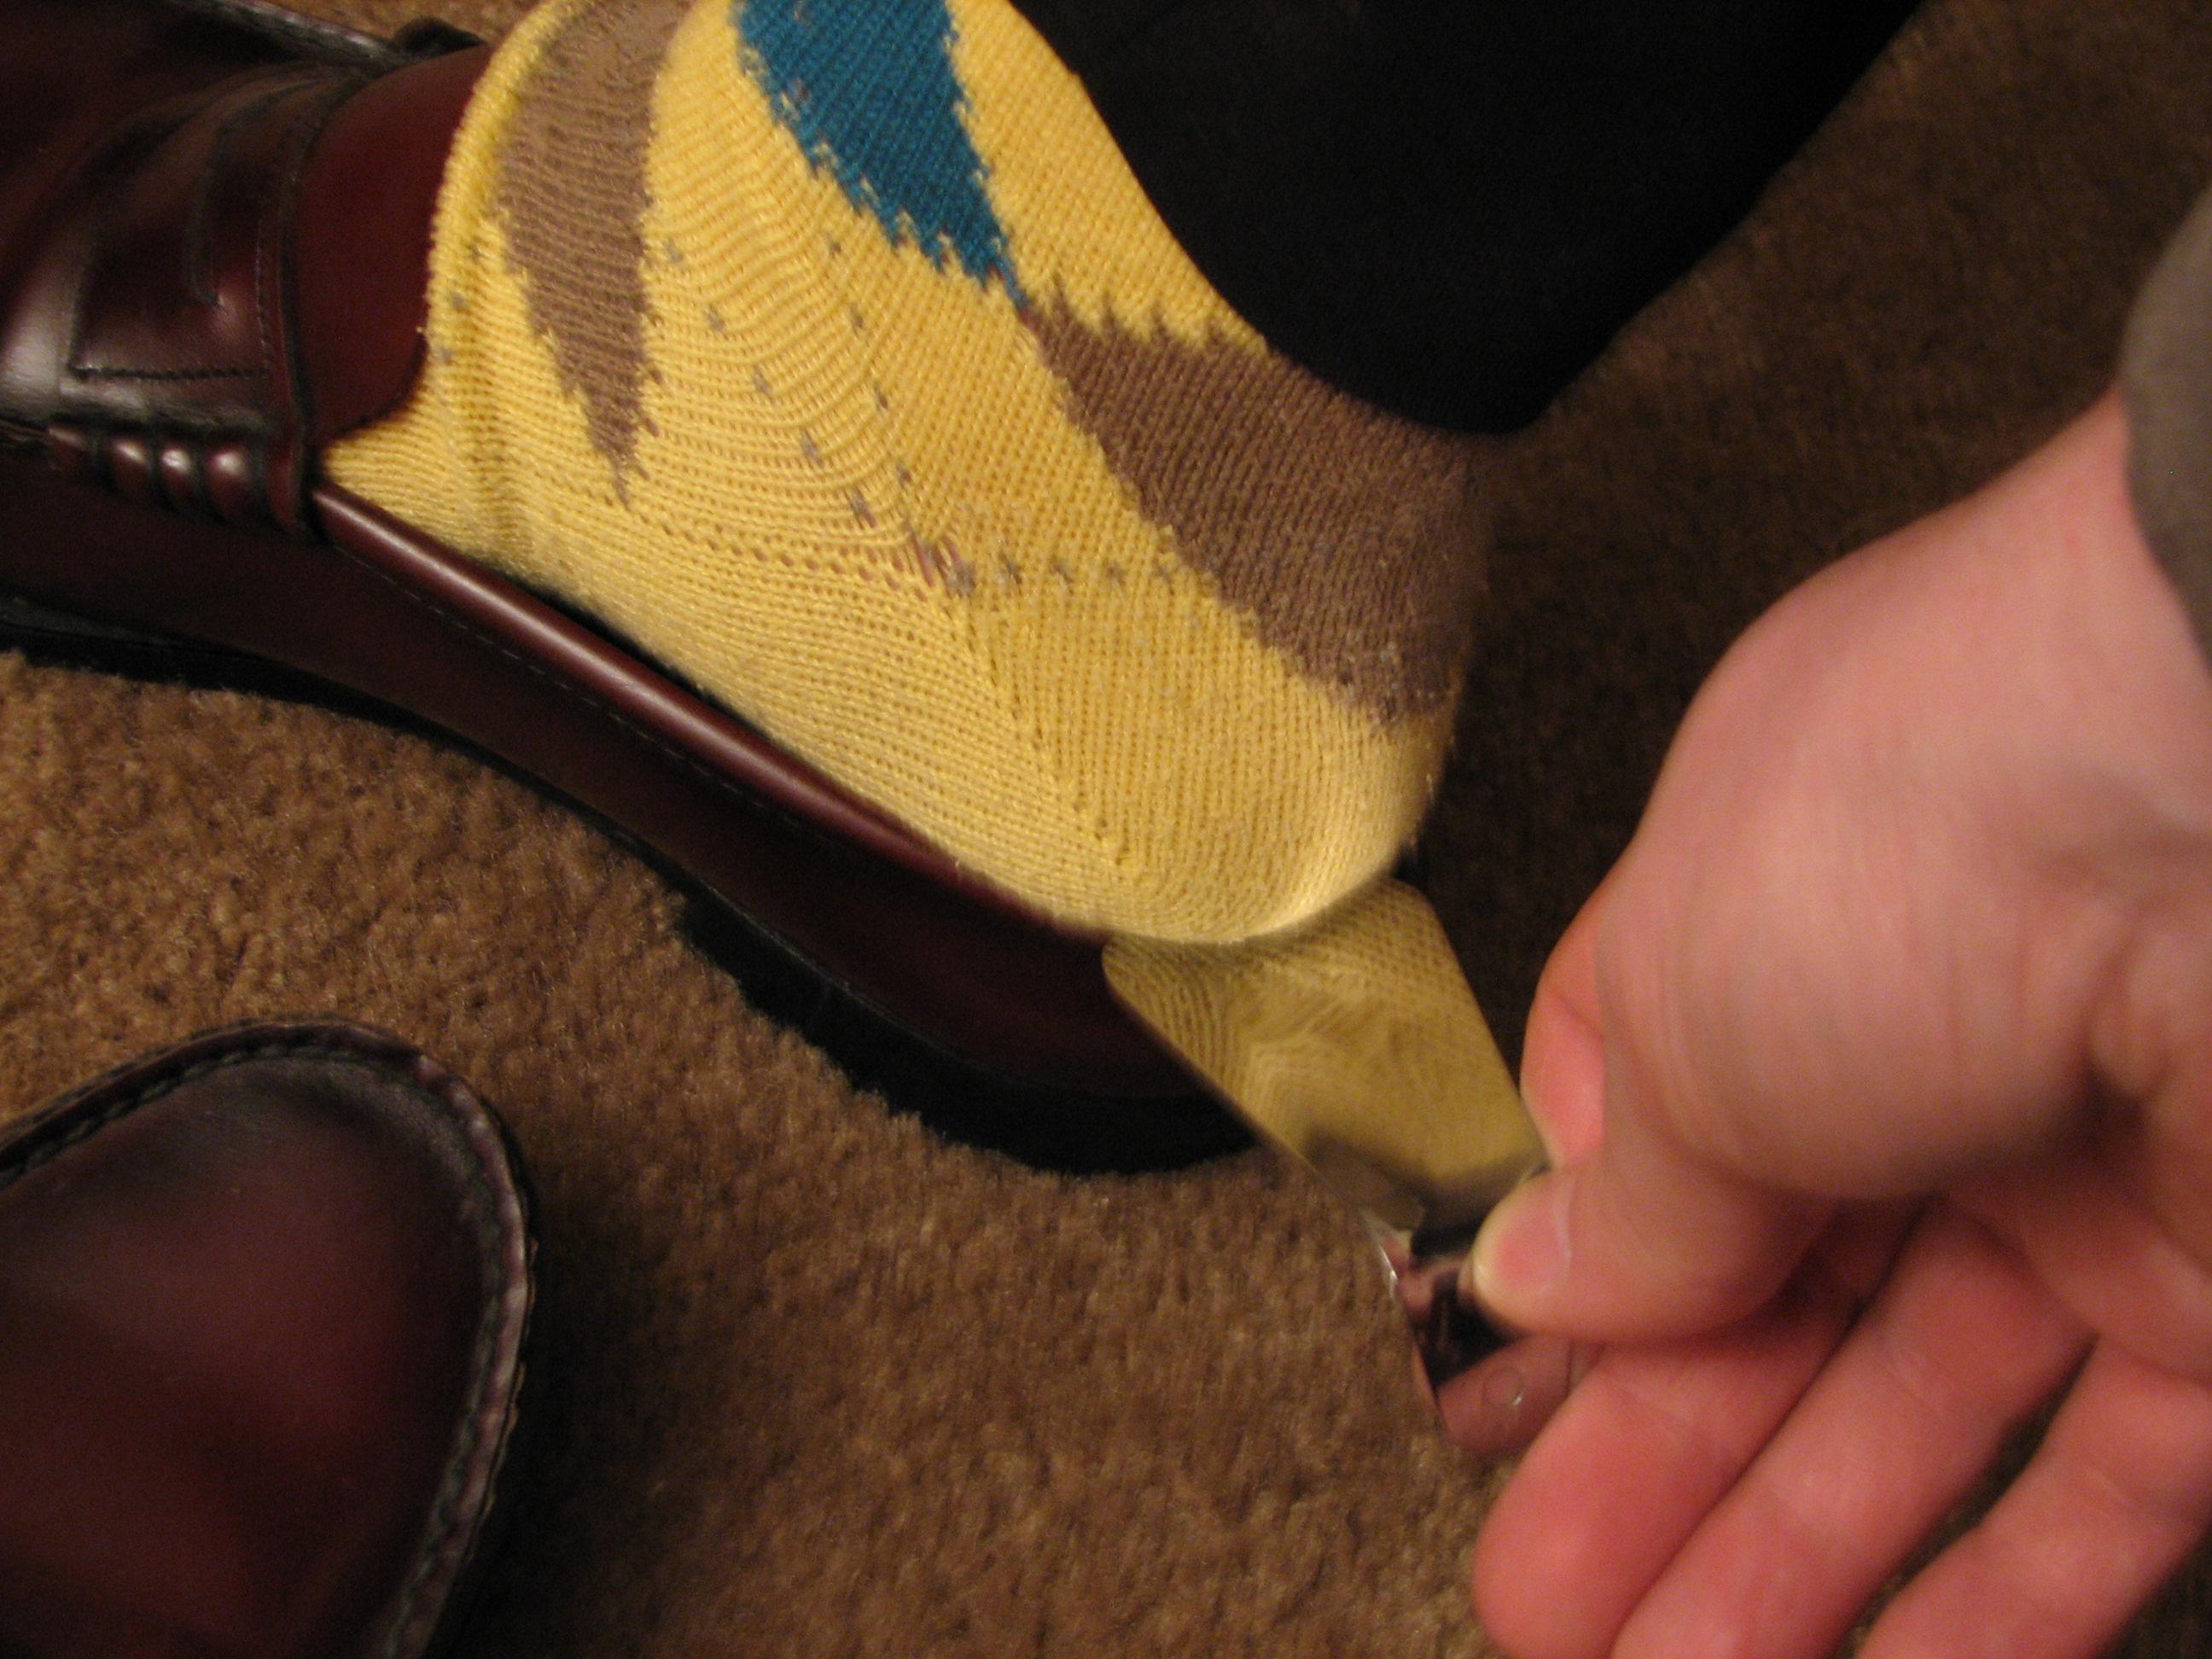 L'importance du chausse-pied